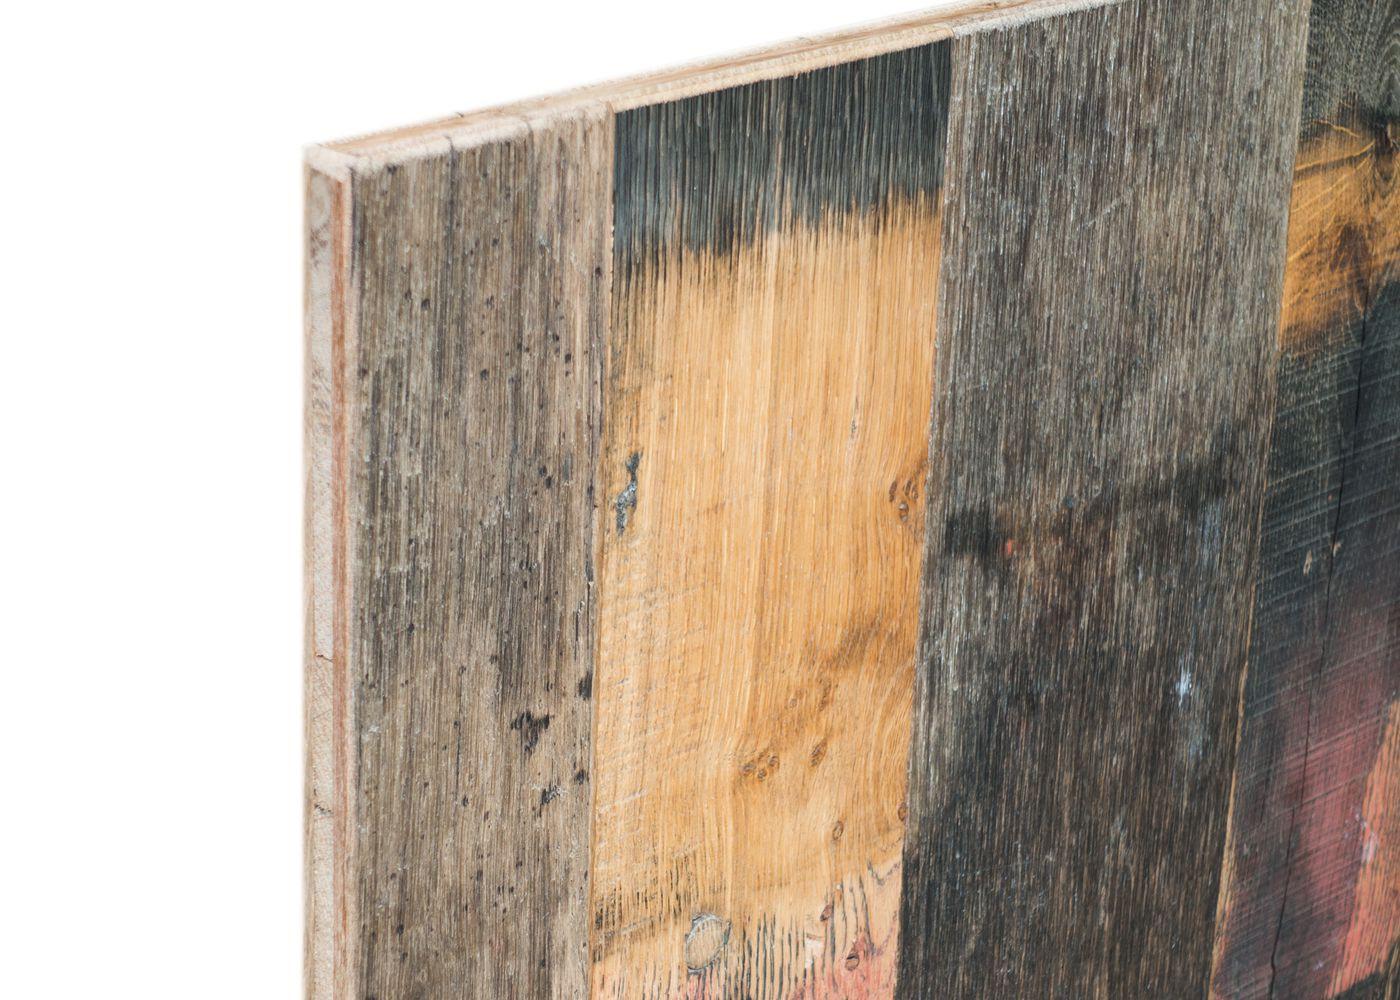 Panneaux 3 plis campagne vieilli Fond de Wagon Atelier brut FSC